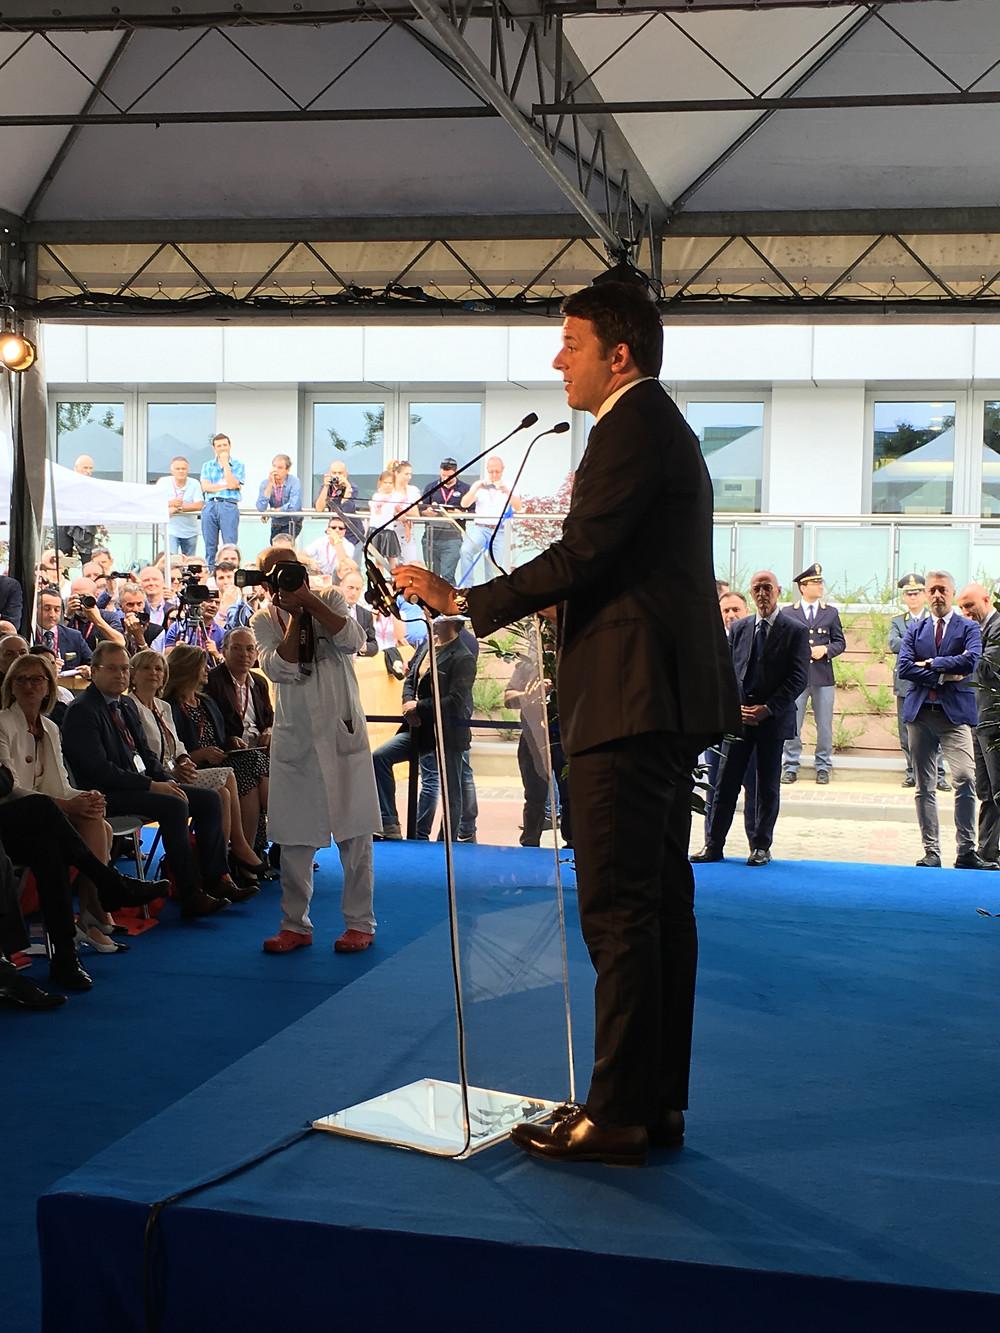 Inaugurazione CORE - Matteo Renzi - Presidente del Consiglio